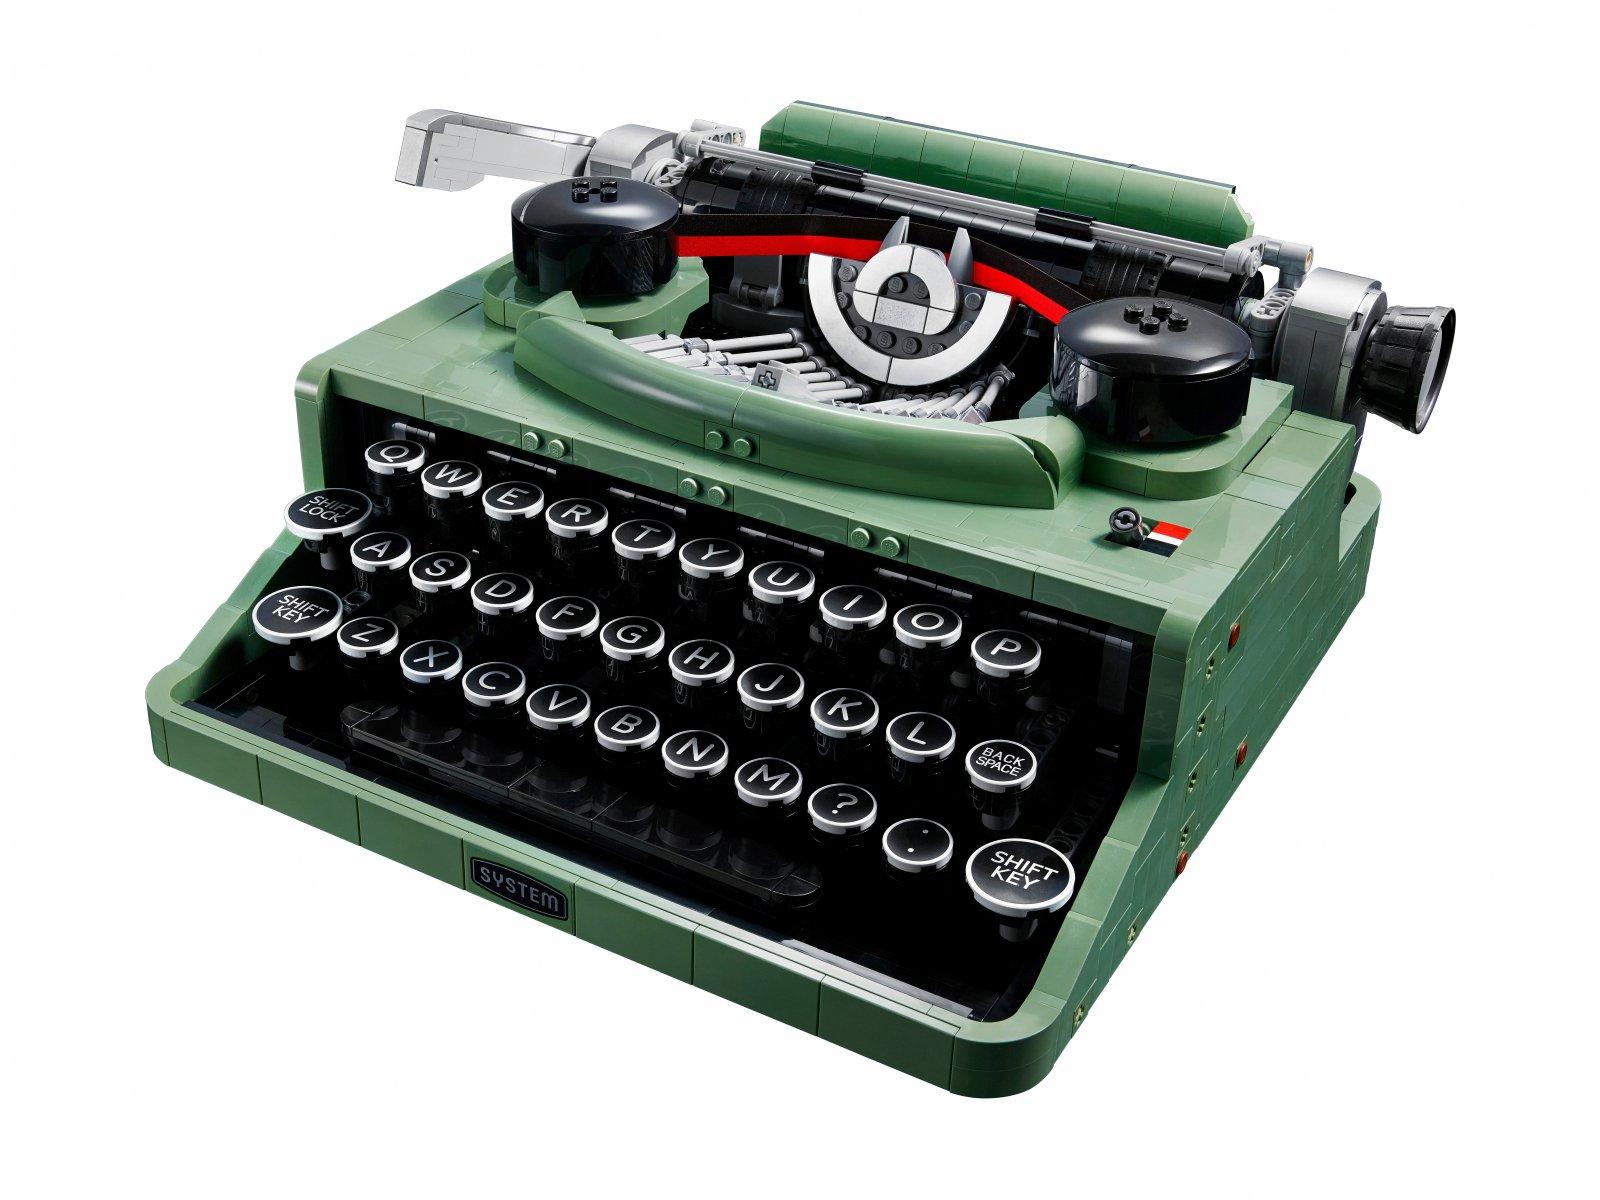 LEGO Ideas Maszyna do pisania 21327